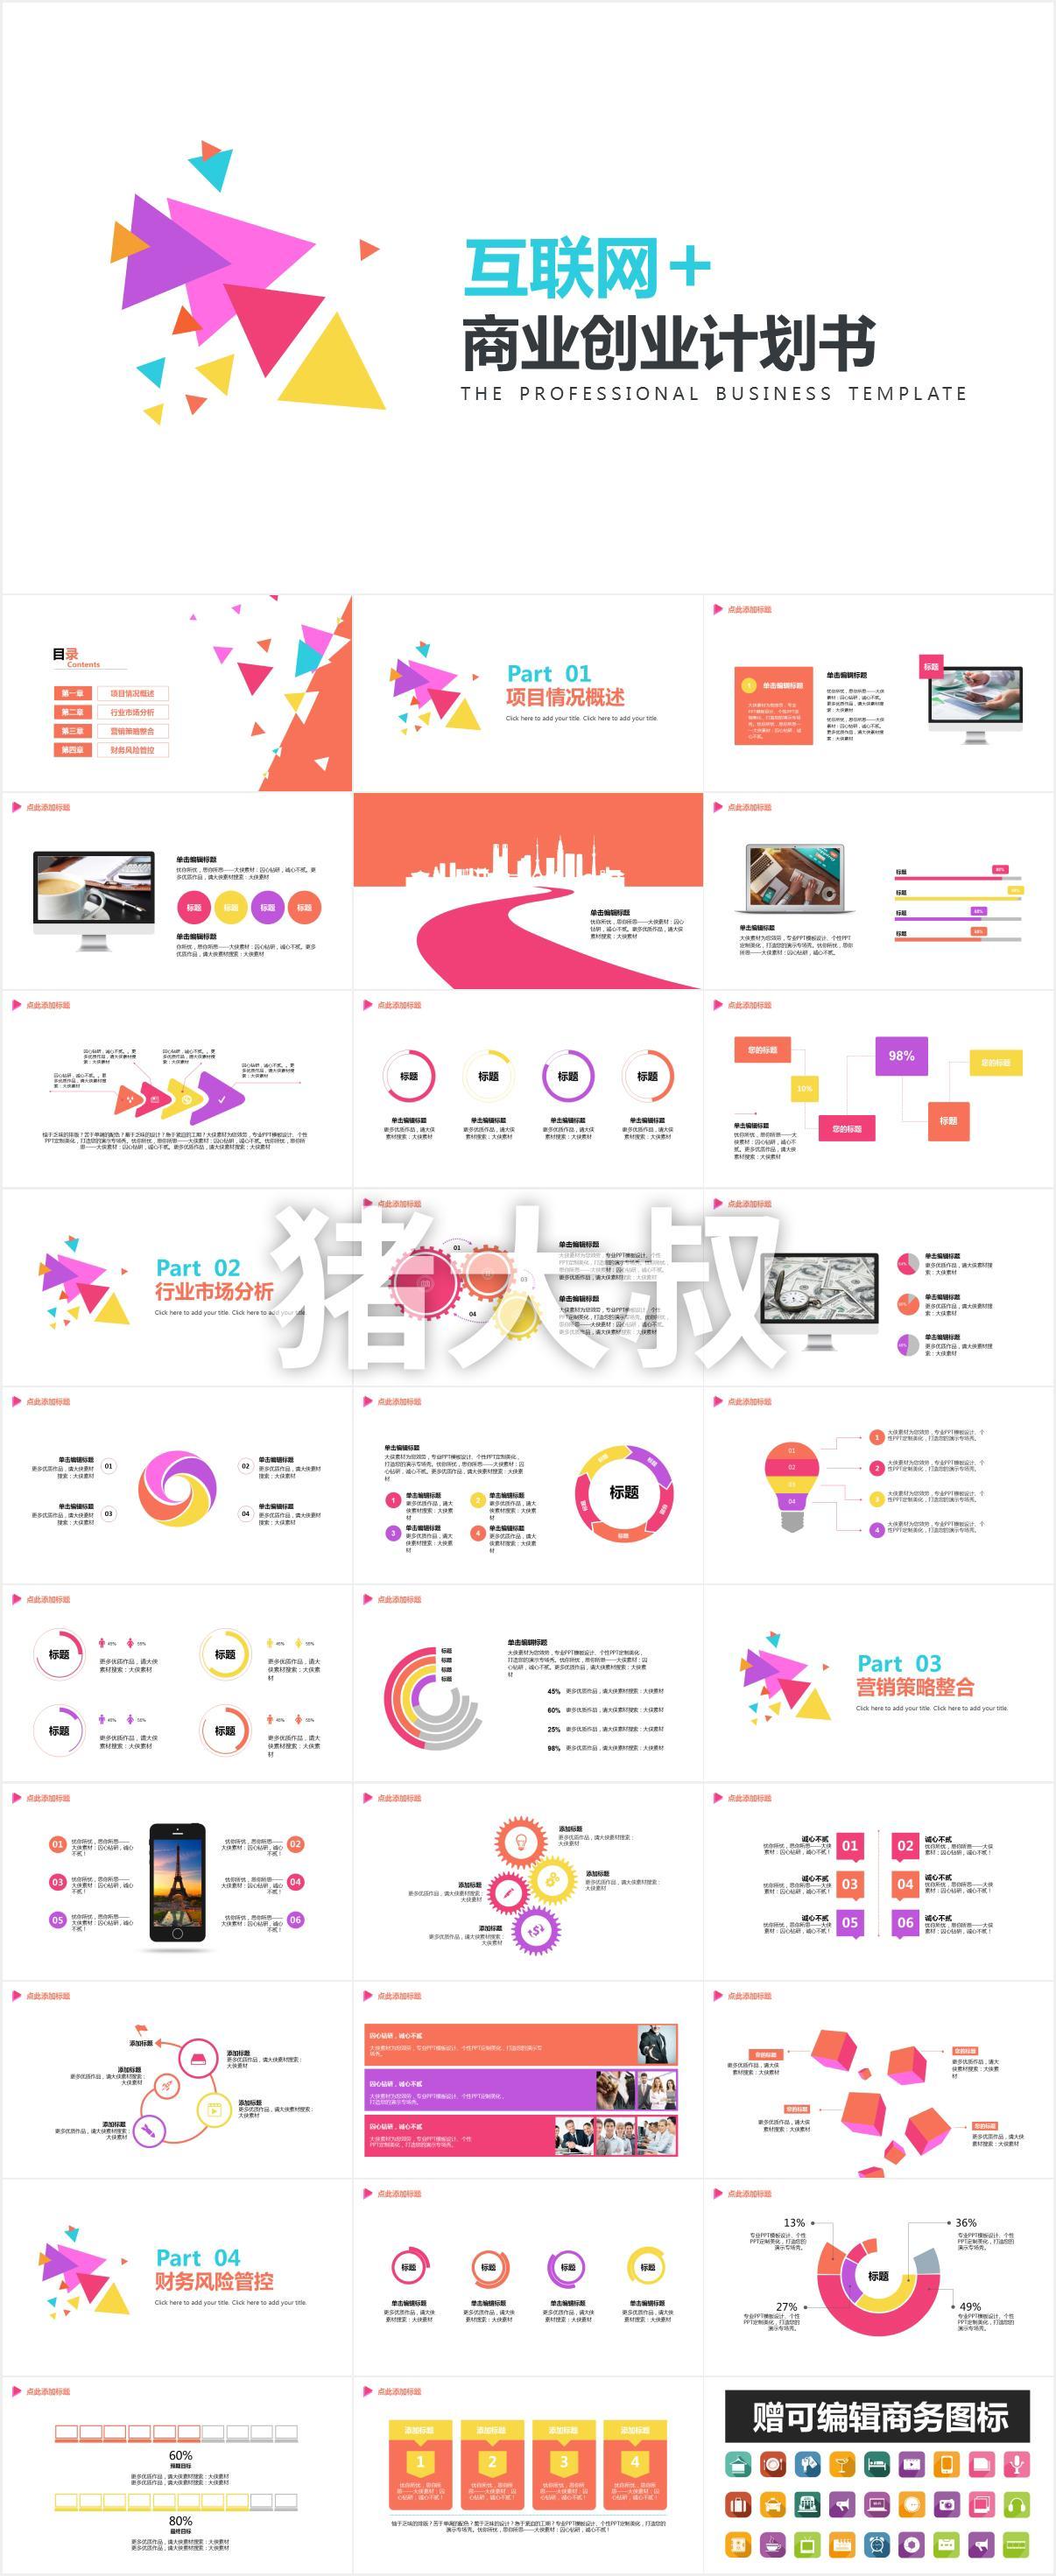 互联网+商业计划书PPT模板